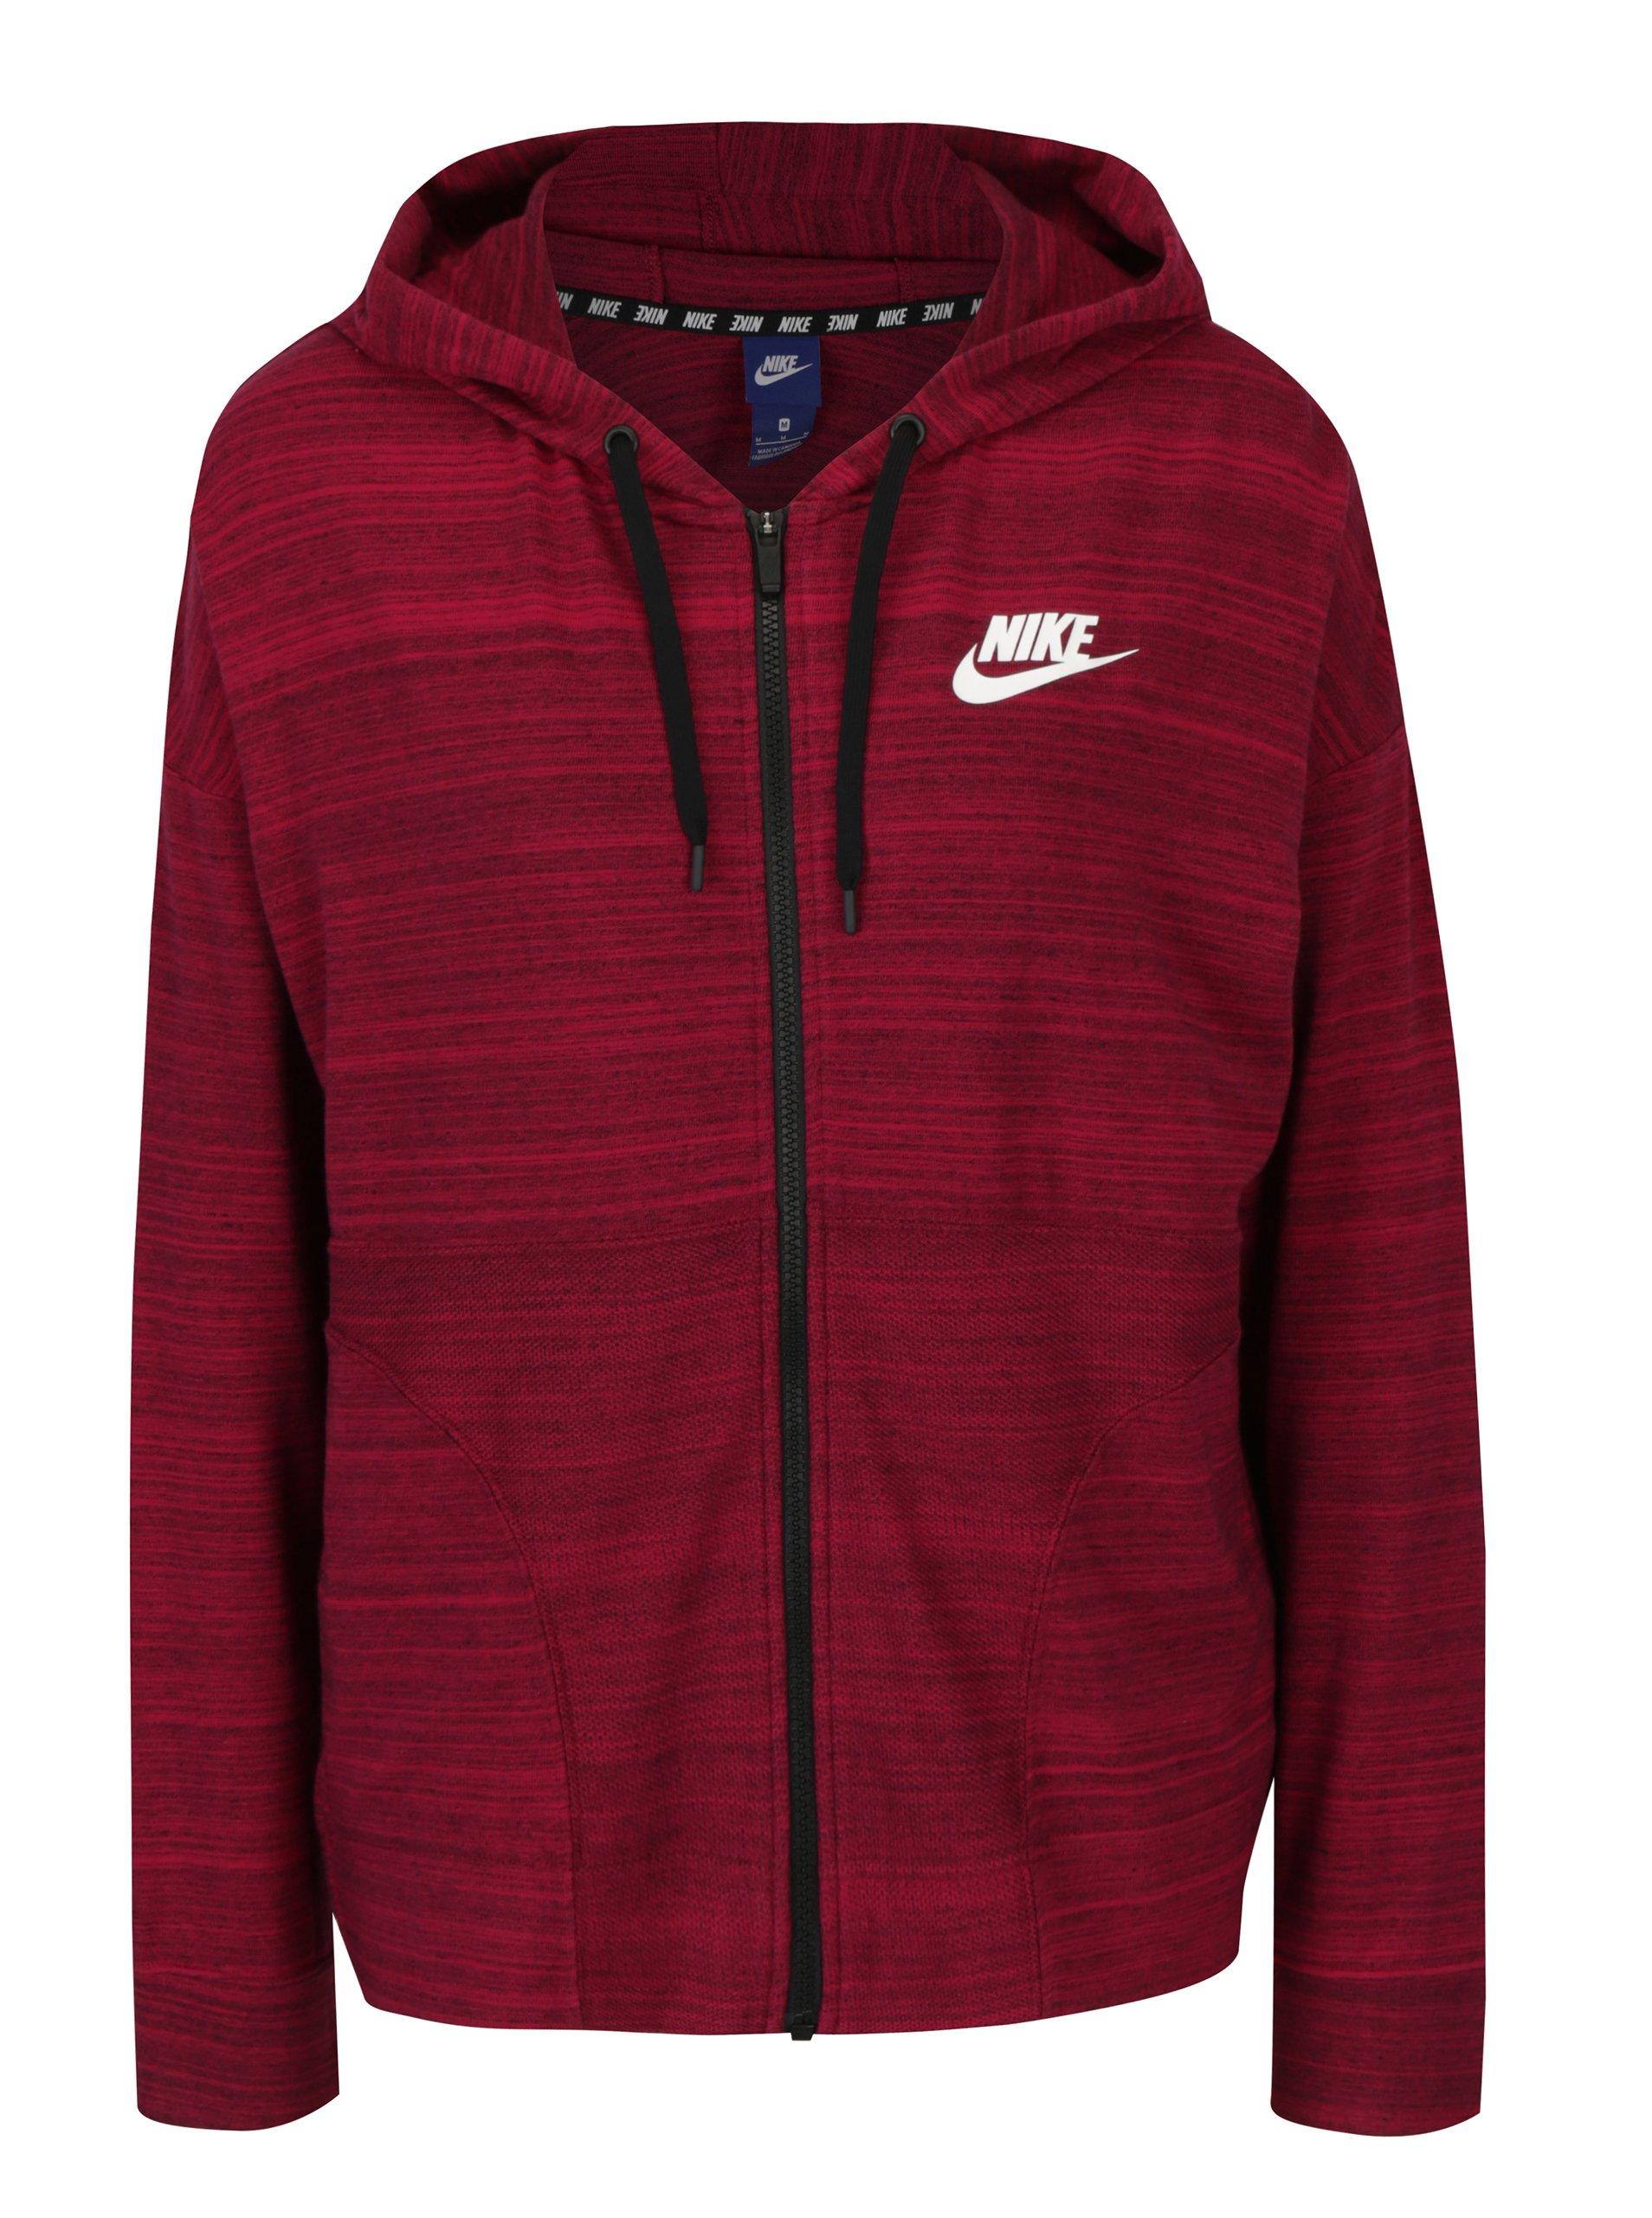 Tmavě růžová dámská žíhaná mikina s kapucí Nike Advance 15